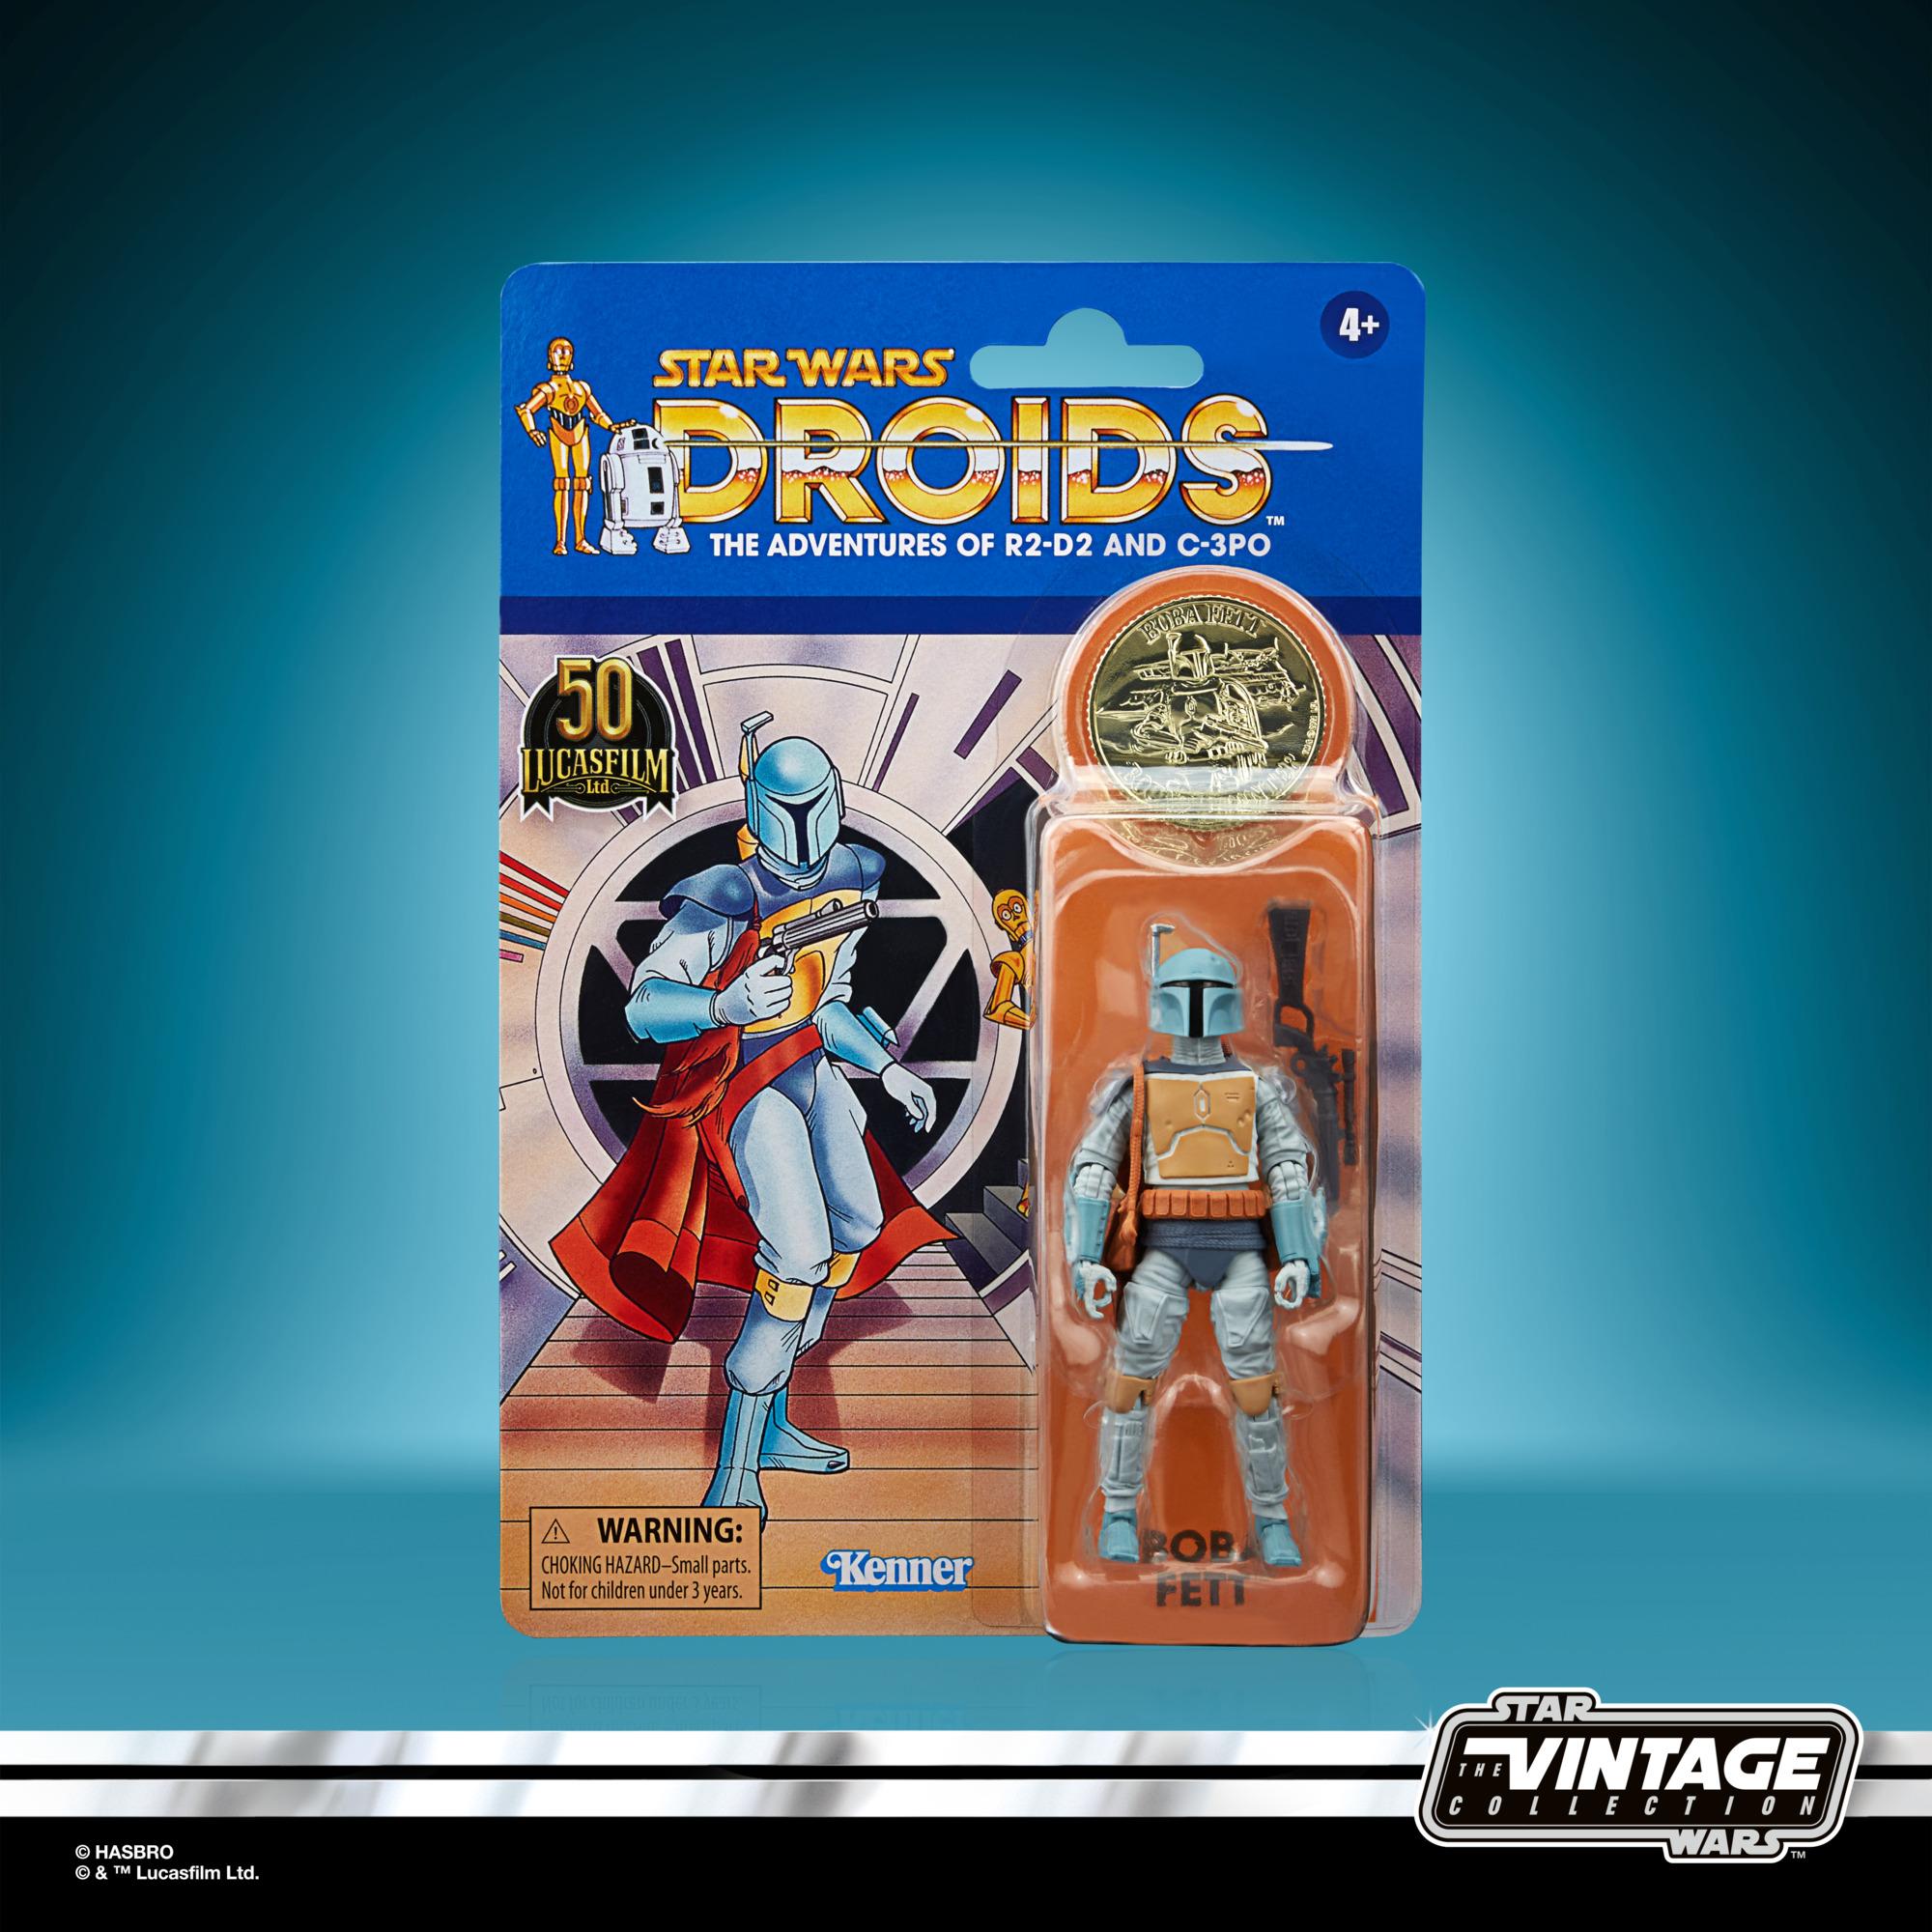 Star Wars: Droids Vintage Collection Actionfigur 2021 Boba Fett 10 cm F53125L00 5010993954063